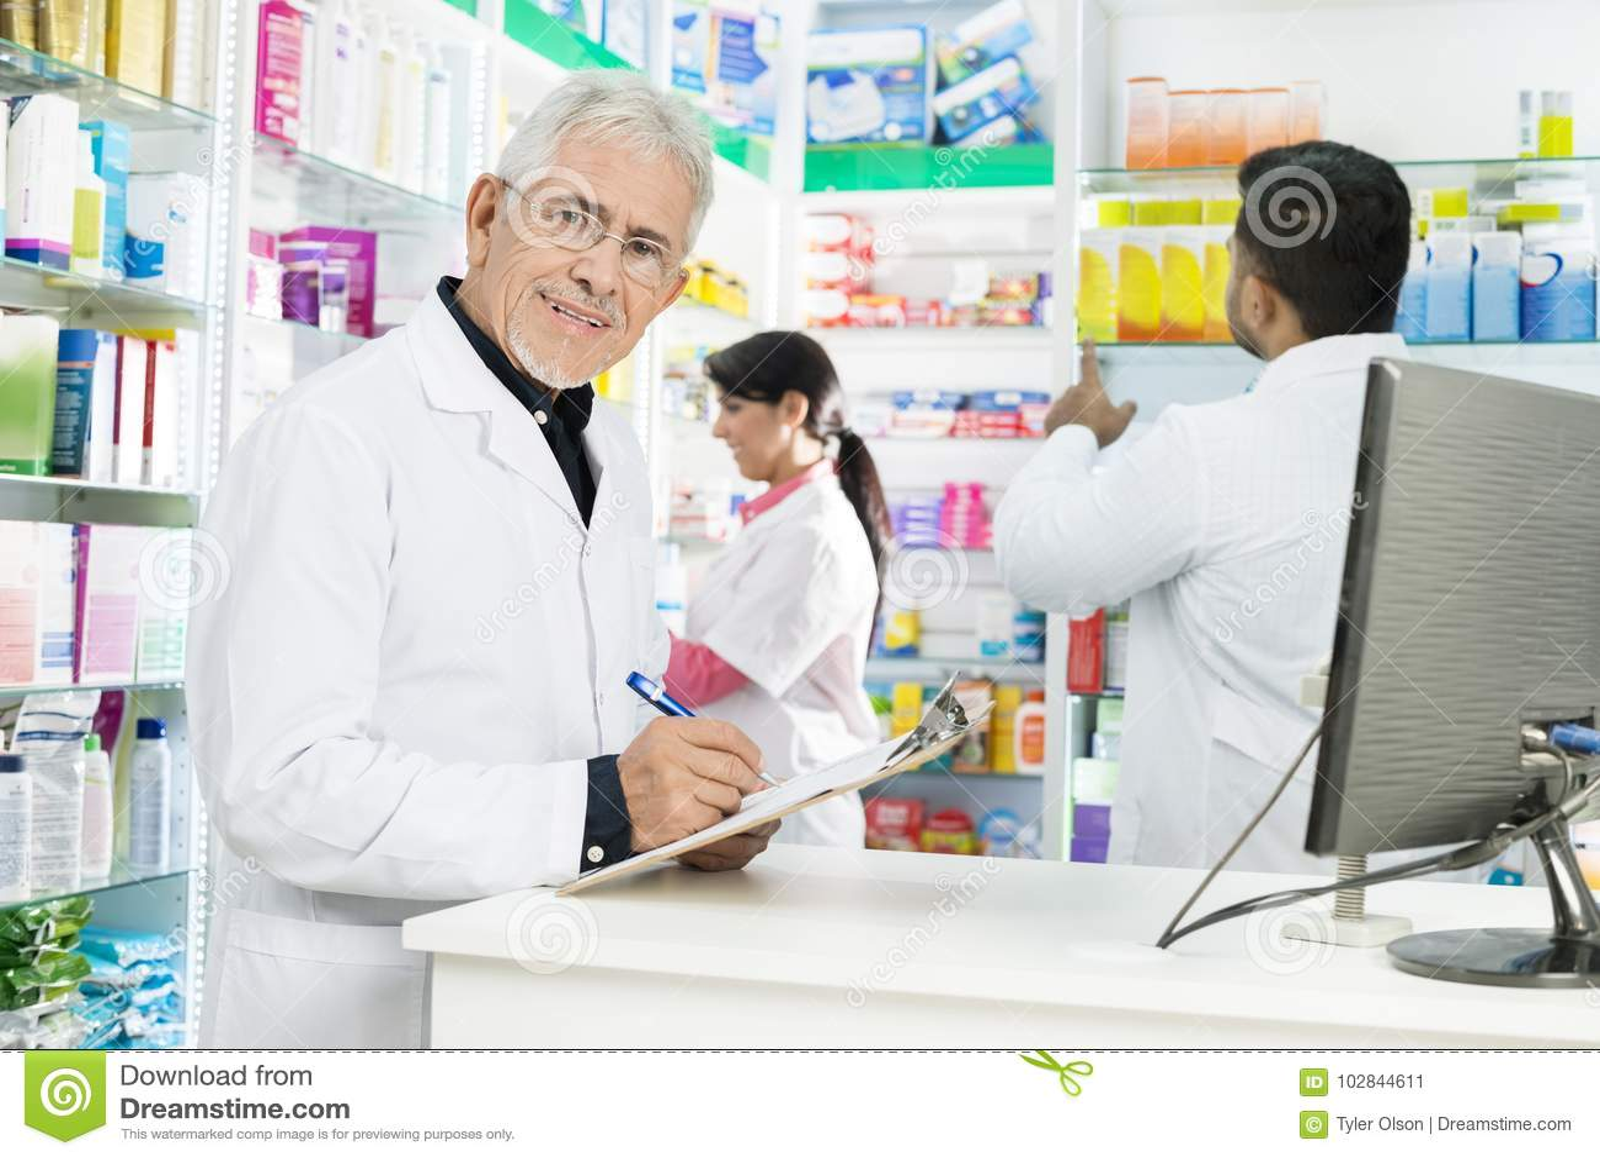 Hogere Chemicus Writing On Clipboard terwijl Medewerkers die in P werken